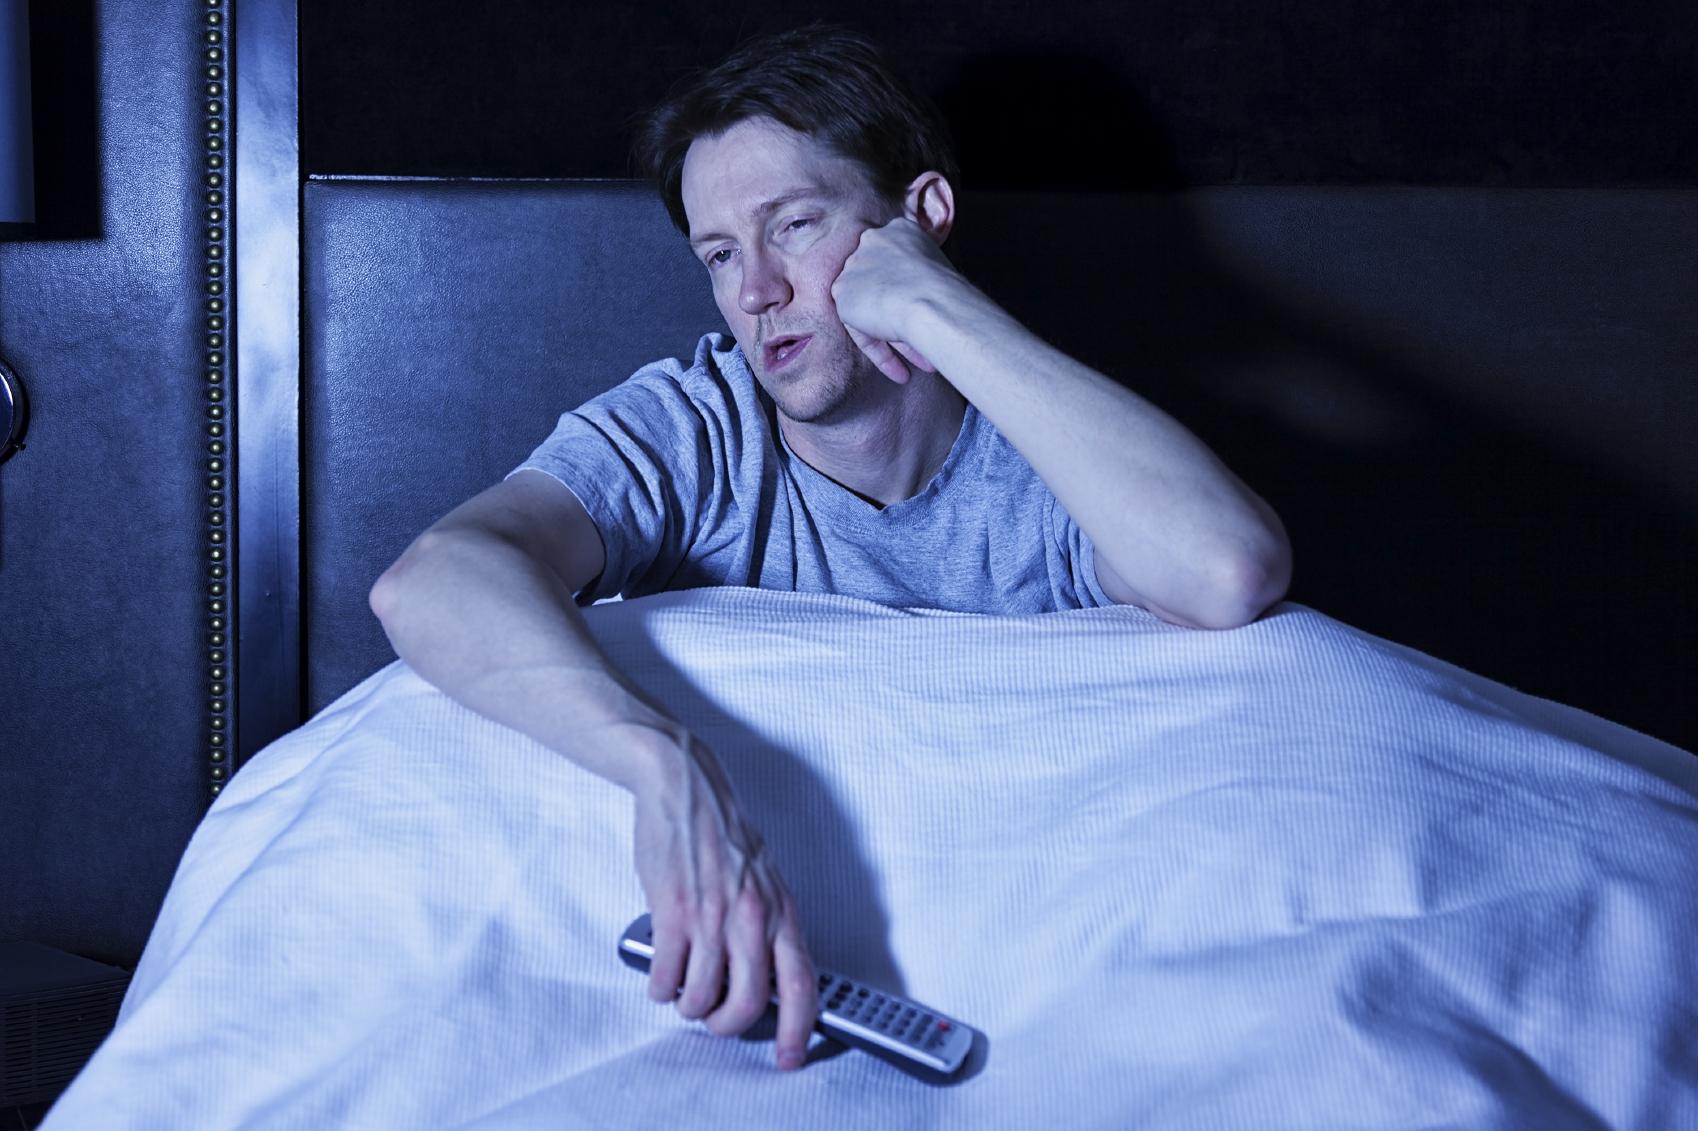 ده راهکار برای کم کردن مشکل بیخوابی